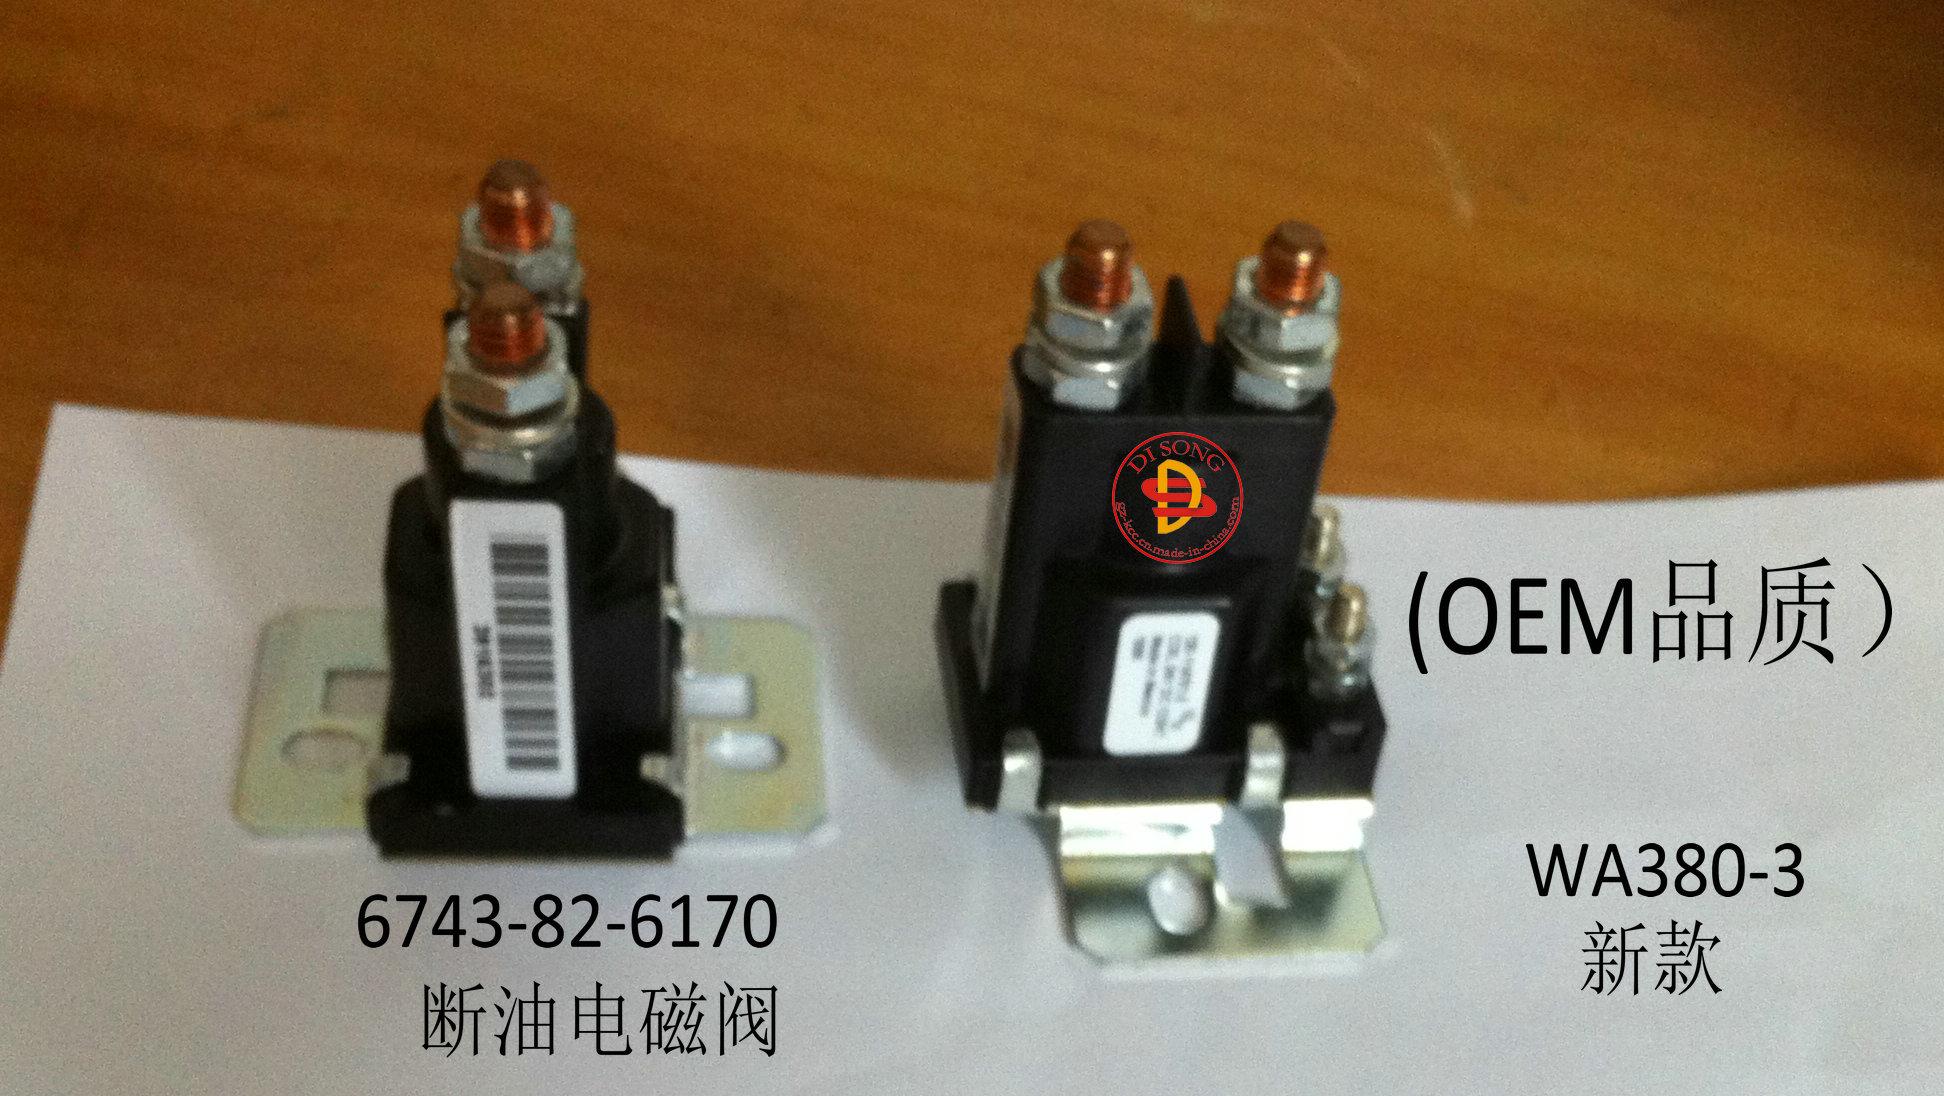 断油电磁阀6743-82-6170m,wa380-3图片